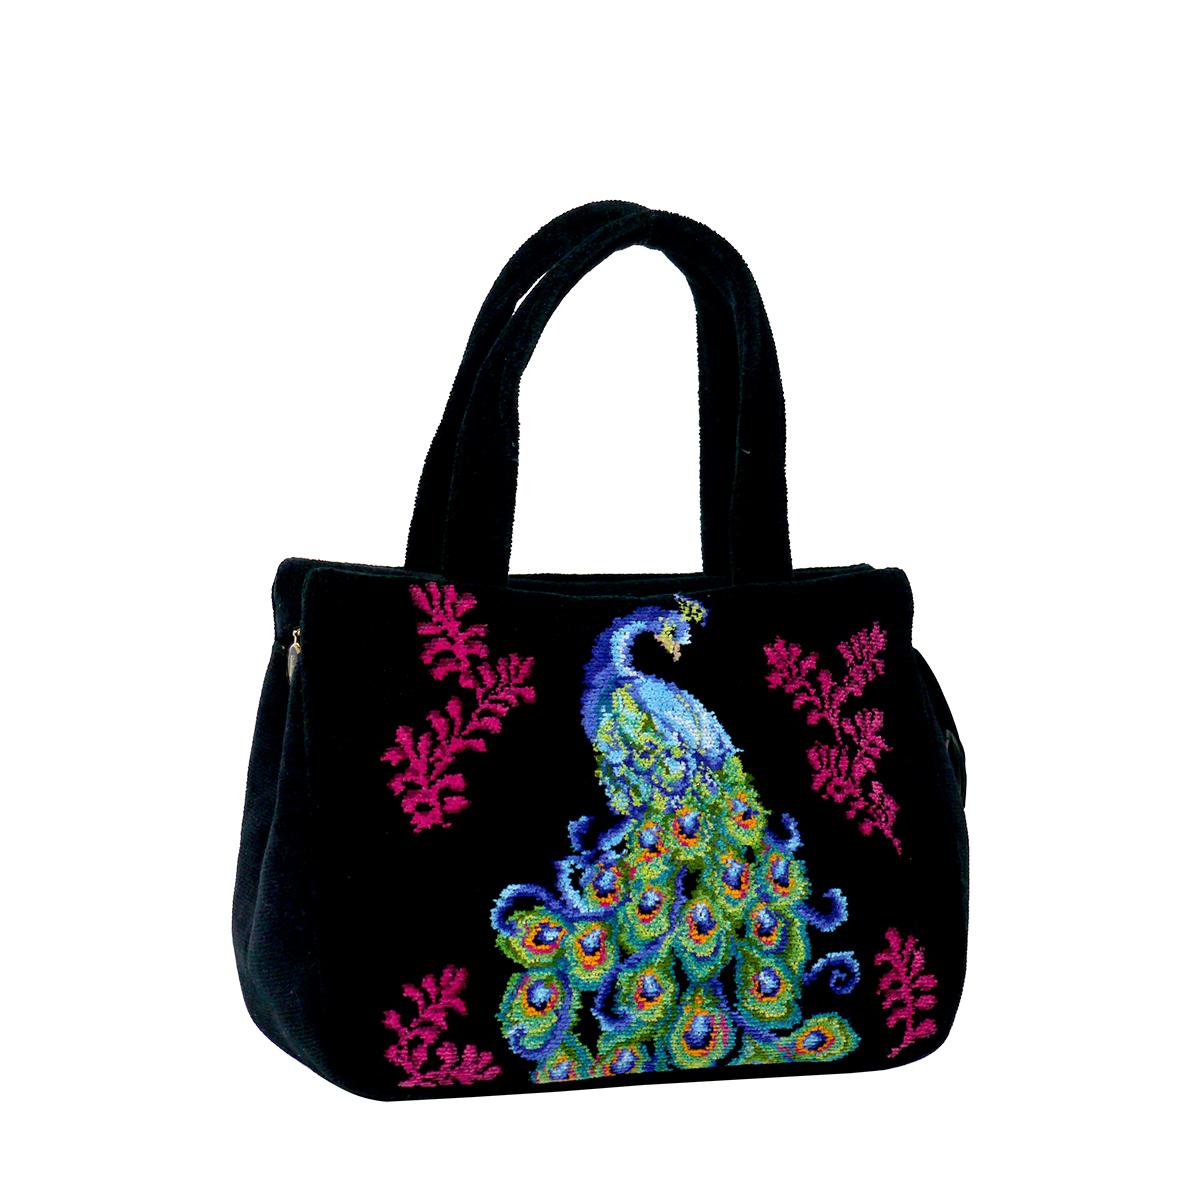 【Max1,000円OFFクーポン】フェイラー バッグ TA1 ピーコック ショルダーバッグ にも)Peacock Black レディス FEILER ギフト・のし可